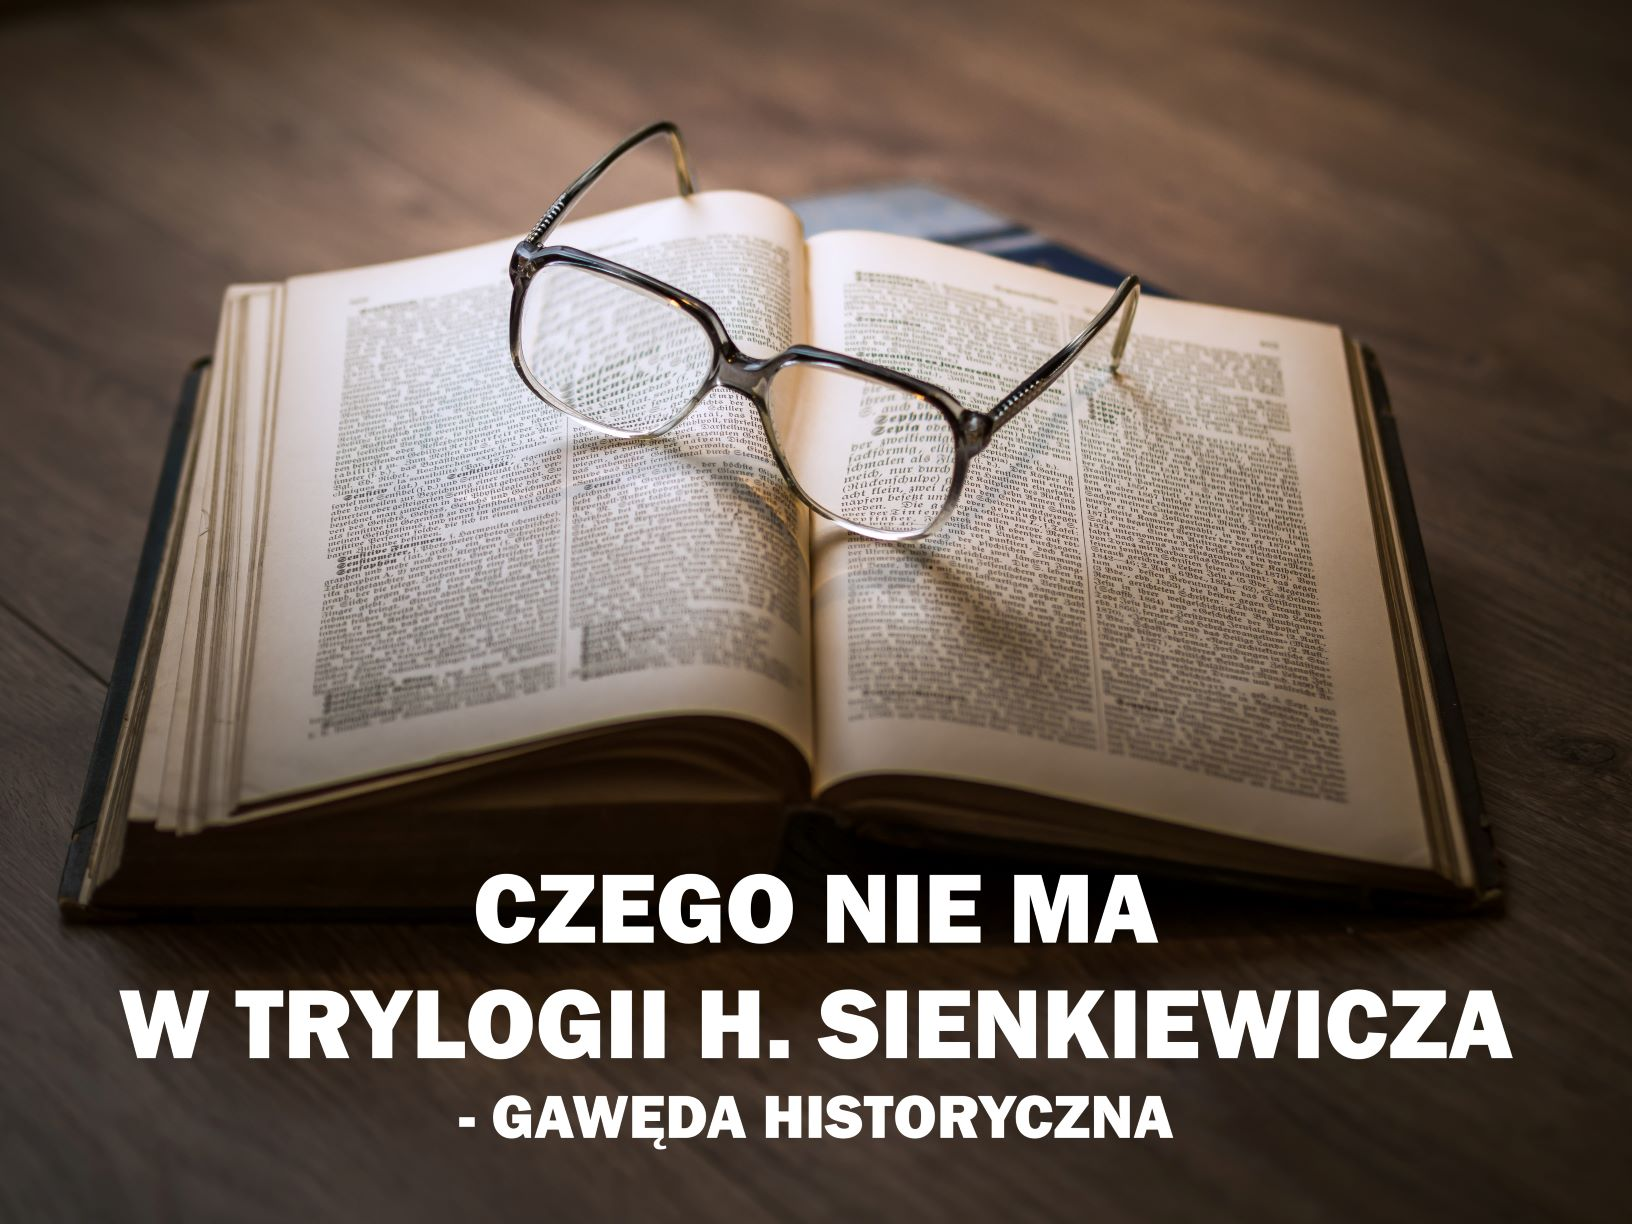 Czego nie ma w Trylogii H. Sienkiewicza - Gawęda Historyczna